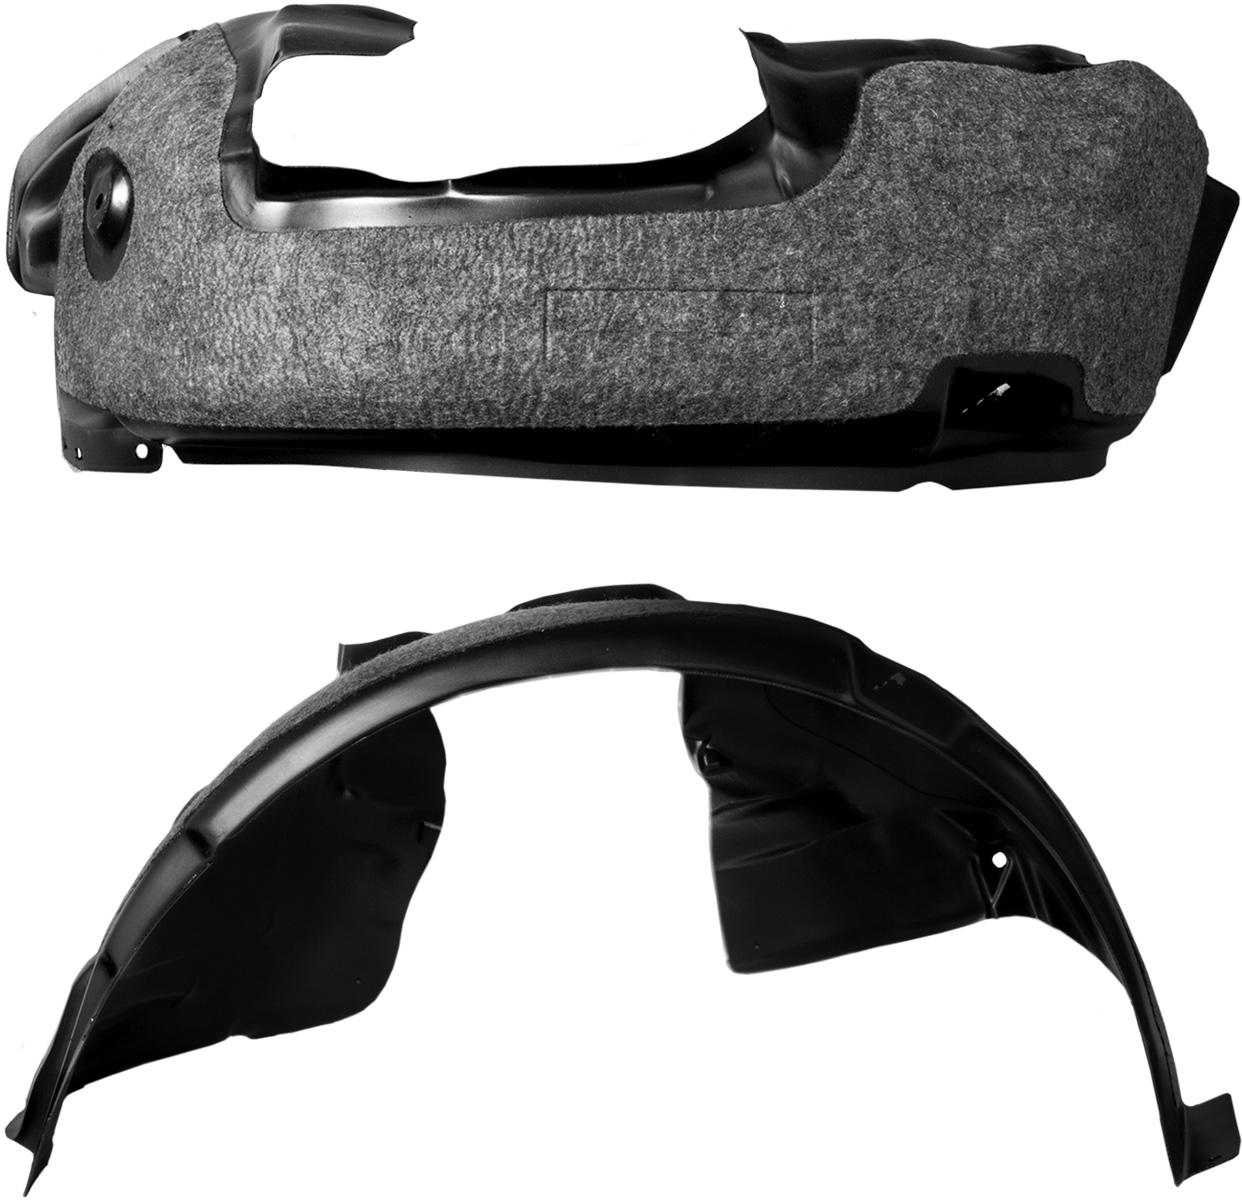 Подкрылок с шумоизоляцией Novline-Autofamily, для Nissan Teana седан, 03/2014 -> (задний левый)REINWV955Подкрылок с шумоизоляцией - революционный продукт, совмещающий в себе все достоинства обычного подкрылка, и в то же время являющийся одним из наиболее эффективных средств борьбы с внешним шумом в салоне автомобиля. Подкрылки бренда Novline-Autofamily разрабатываются индивидуально для каждого автомобиля с использованием метода 3D-сканирования.В качестве шумоизолирующего слоя применяется легкое синтетическое нетканое полотно толщиной 10 мм, которое отталкивает влагу, сохраняет свои шумоизоляционные свойства на протяжении всего периода эксплуатации.Подкрылки с шумоизоляцией не имеют эксплуатационных ограничений и устанавливаются один раз на весь срок службы автомобиля.Подкрылки с шумоизоляцией не имеют аналогов и являются российским изобретением, получившим признание во всём мире. Уважаемые клиенты! Обращаем ваше внимание, фото может не полностью соответствовать оригиналу.